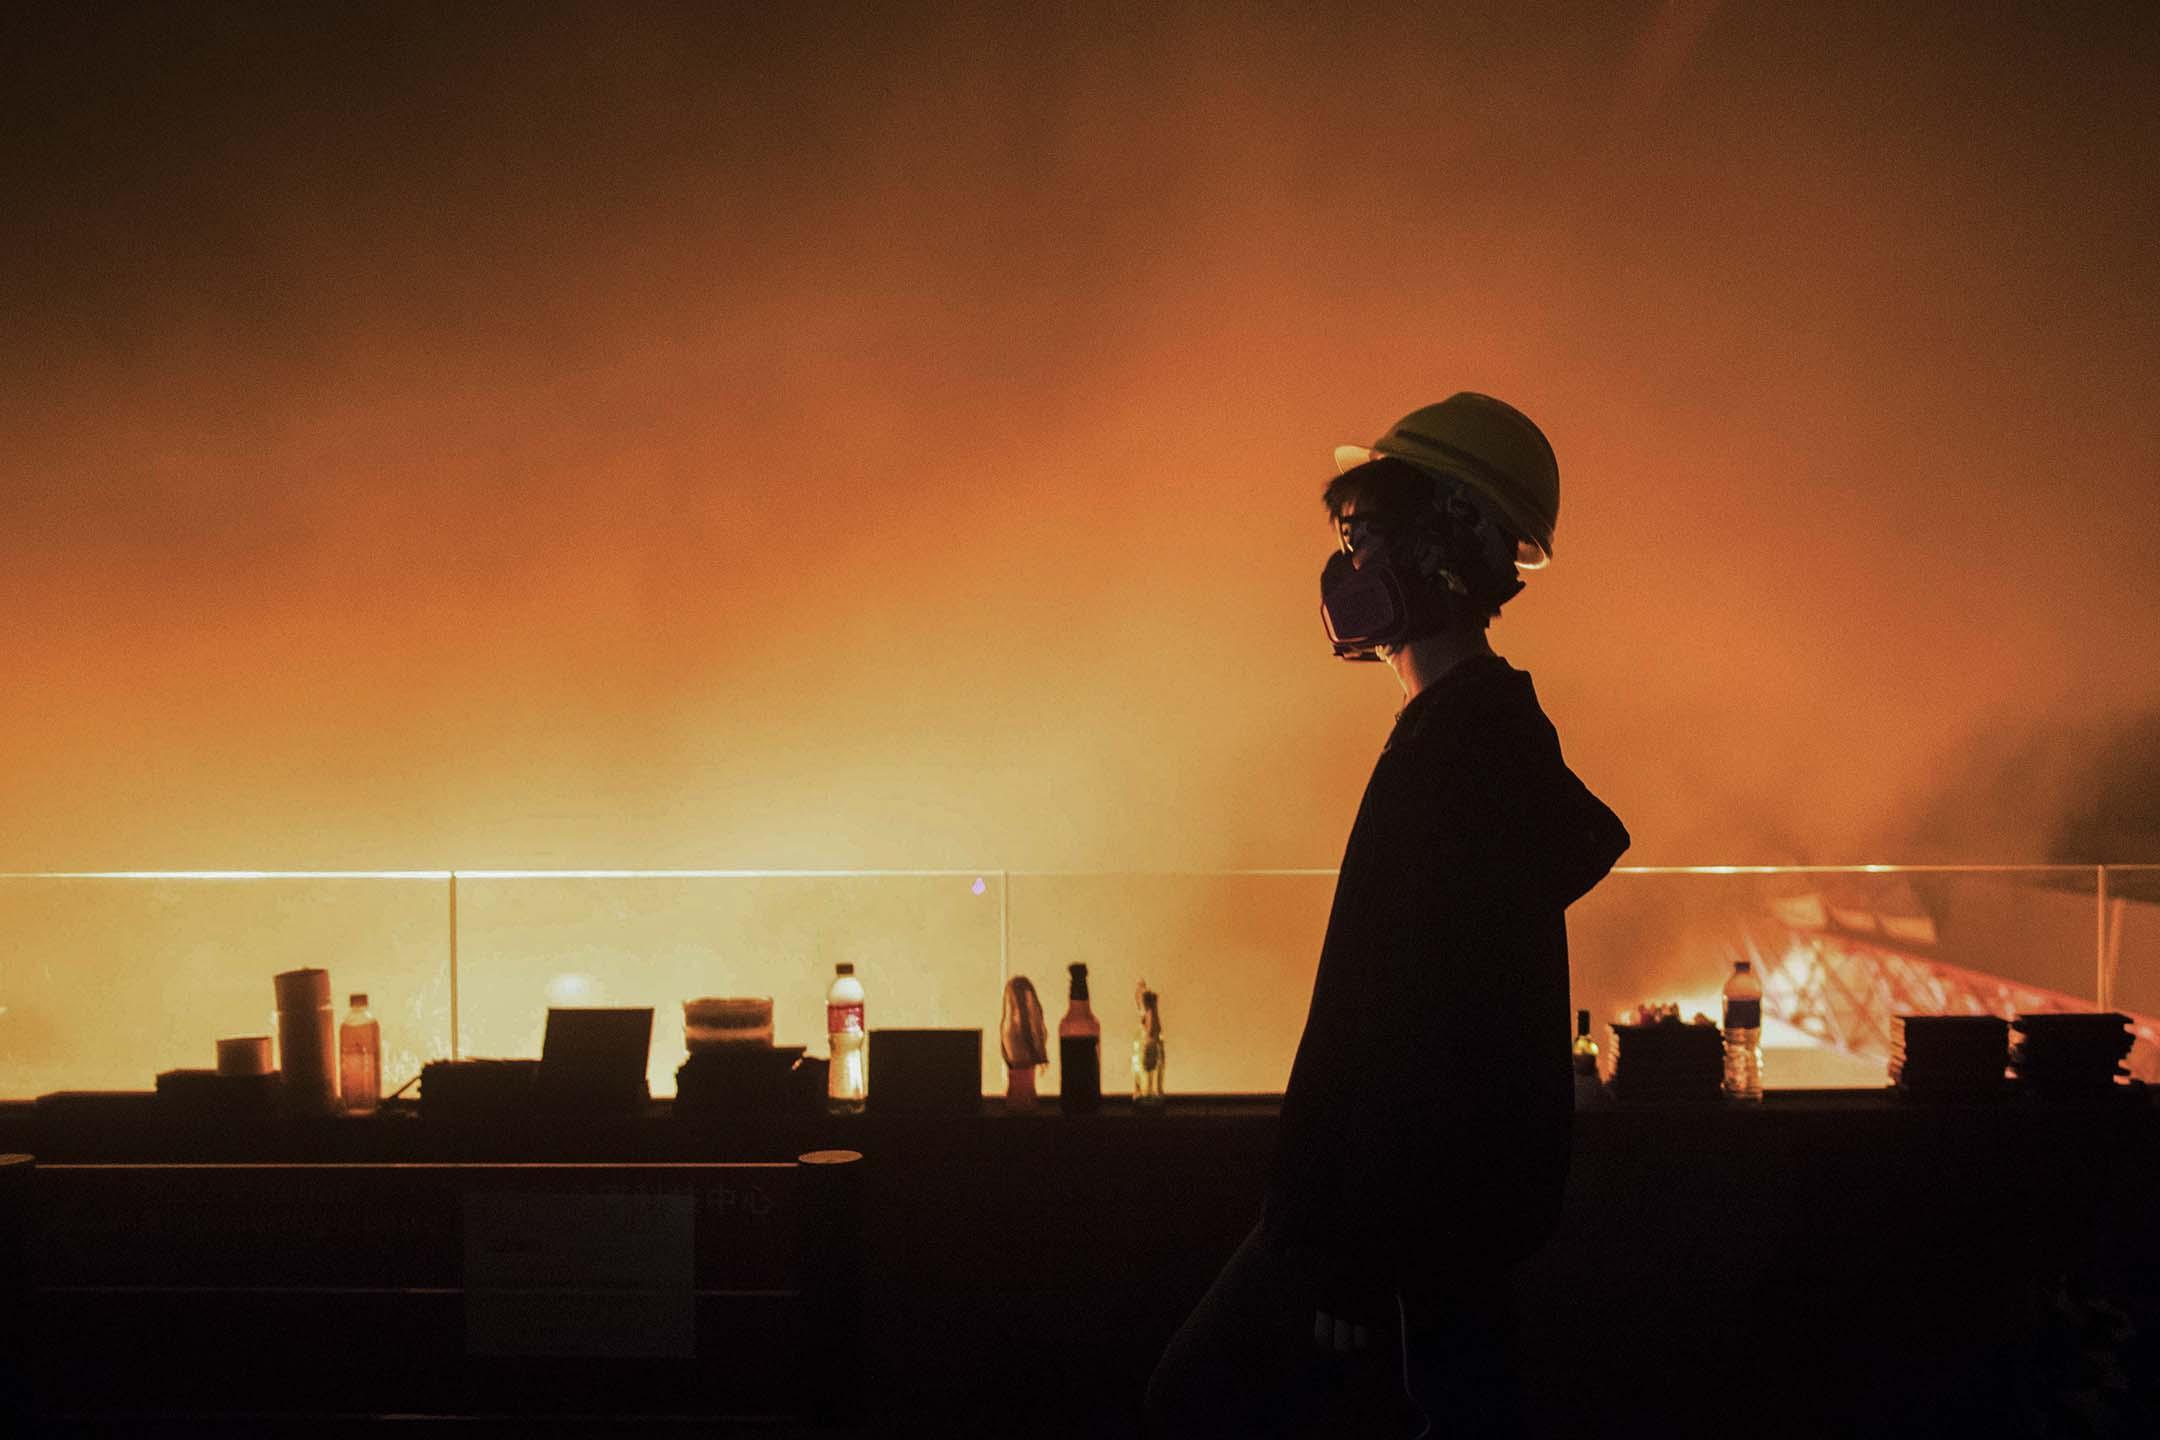 2019年11月18日香港理工大學,一名示威者在燃燒的校園內。 攝:陳焯煇/端傳媒